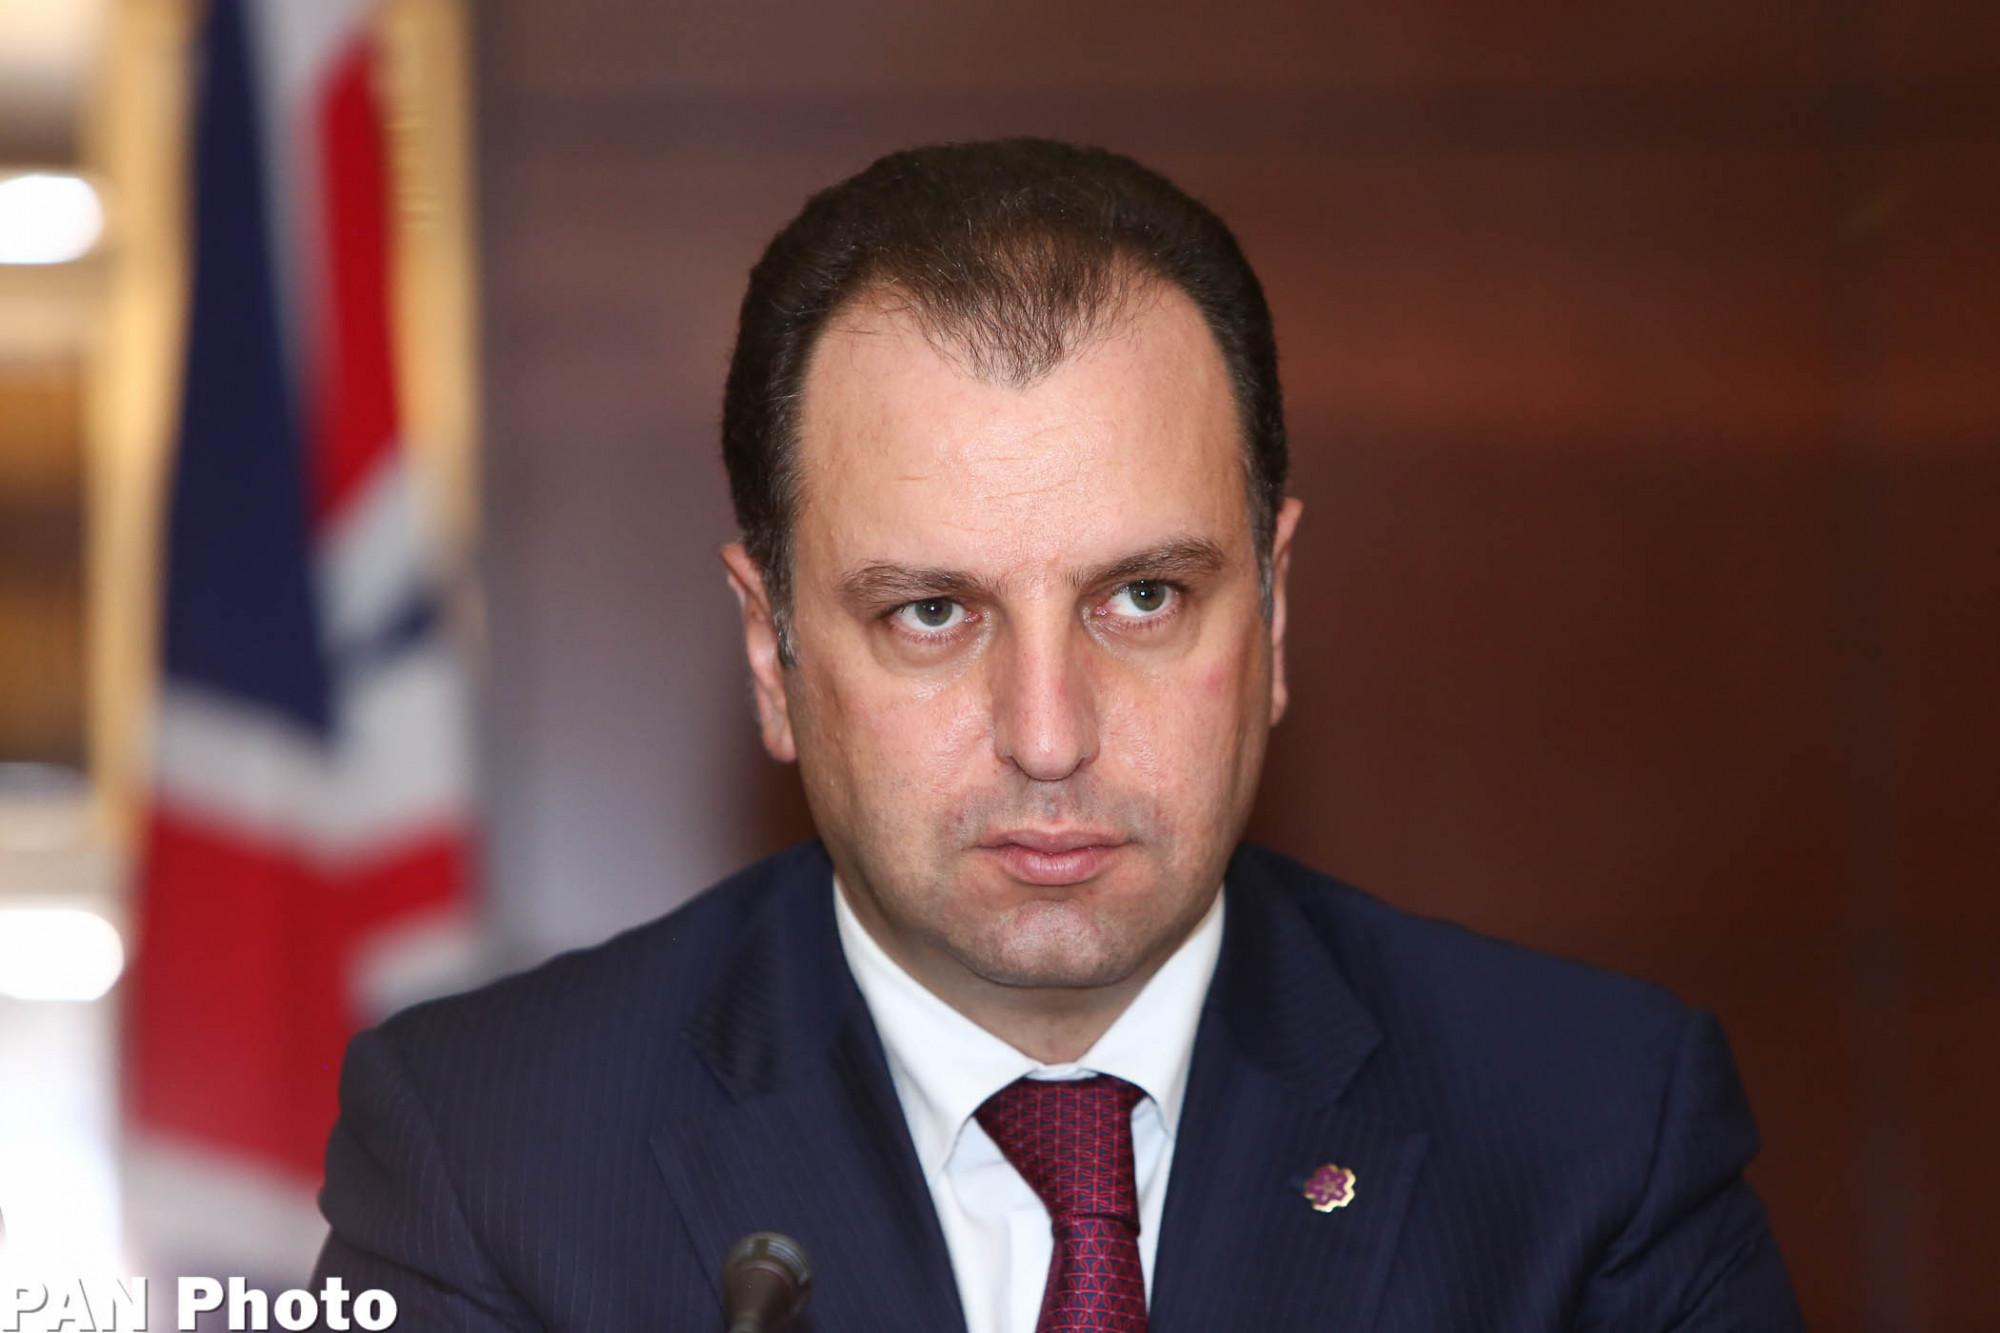 Назначение новых замминистра обороны будет осуществлено до истечения срока полномочий нынешнего НС – Виген Саргсян